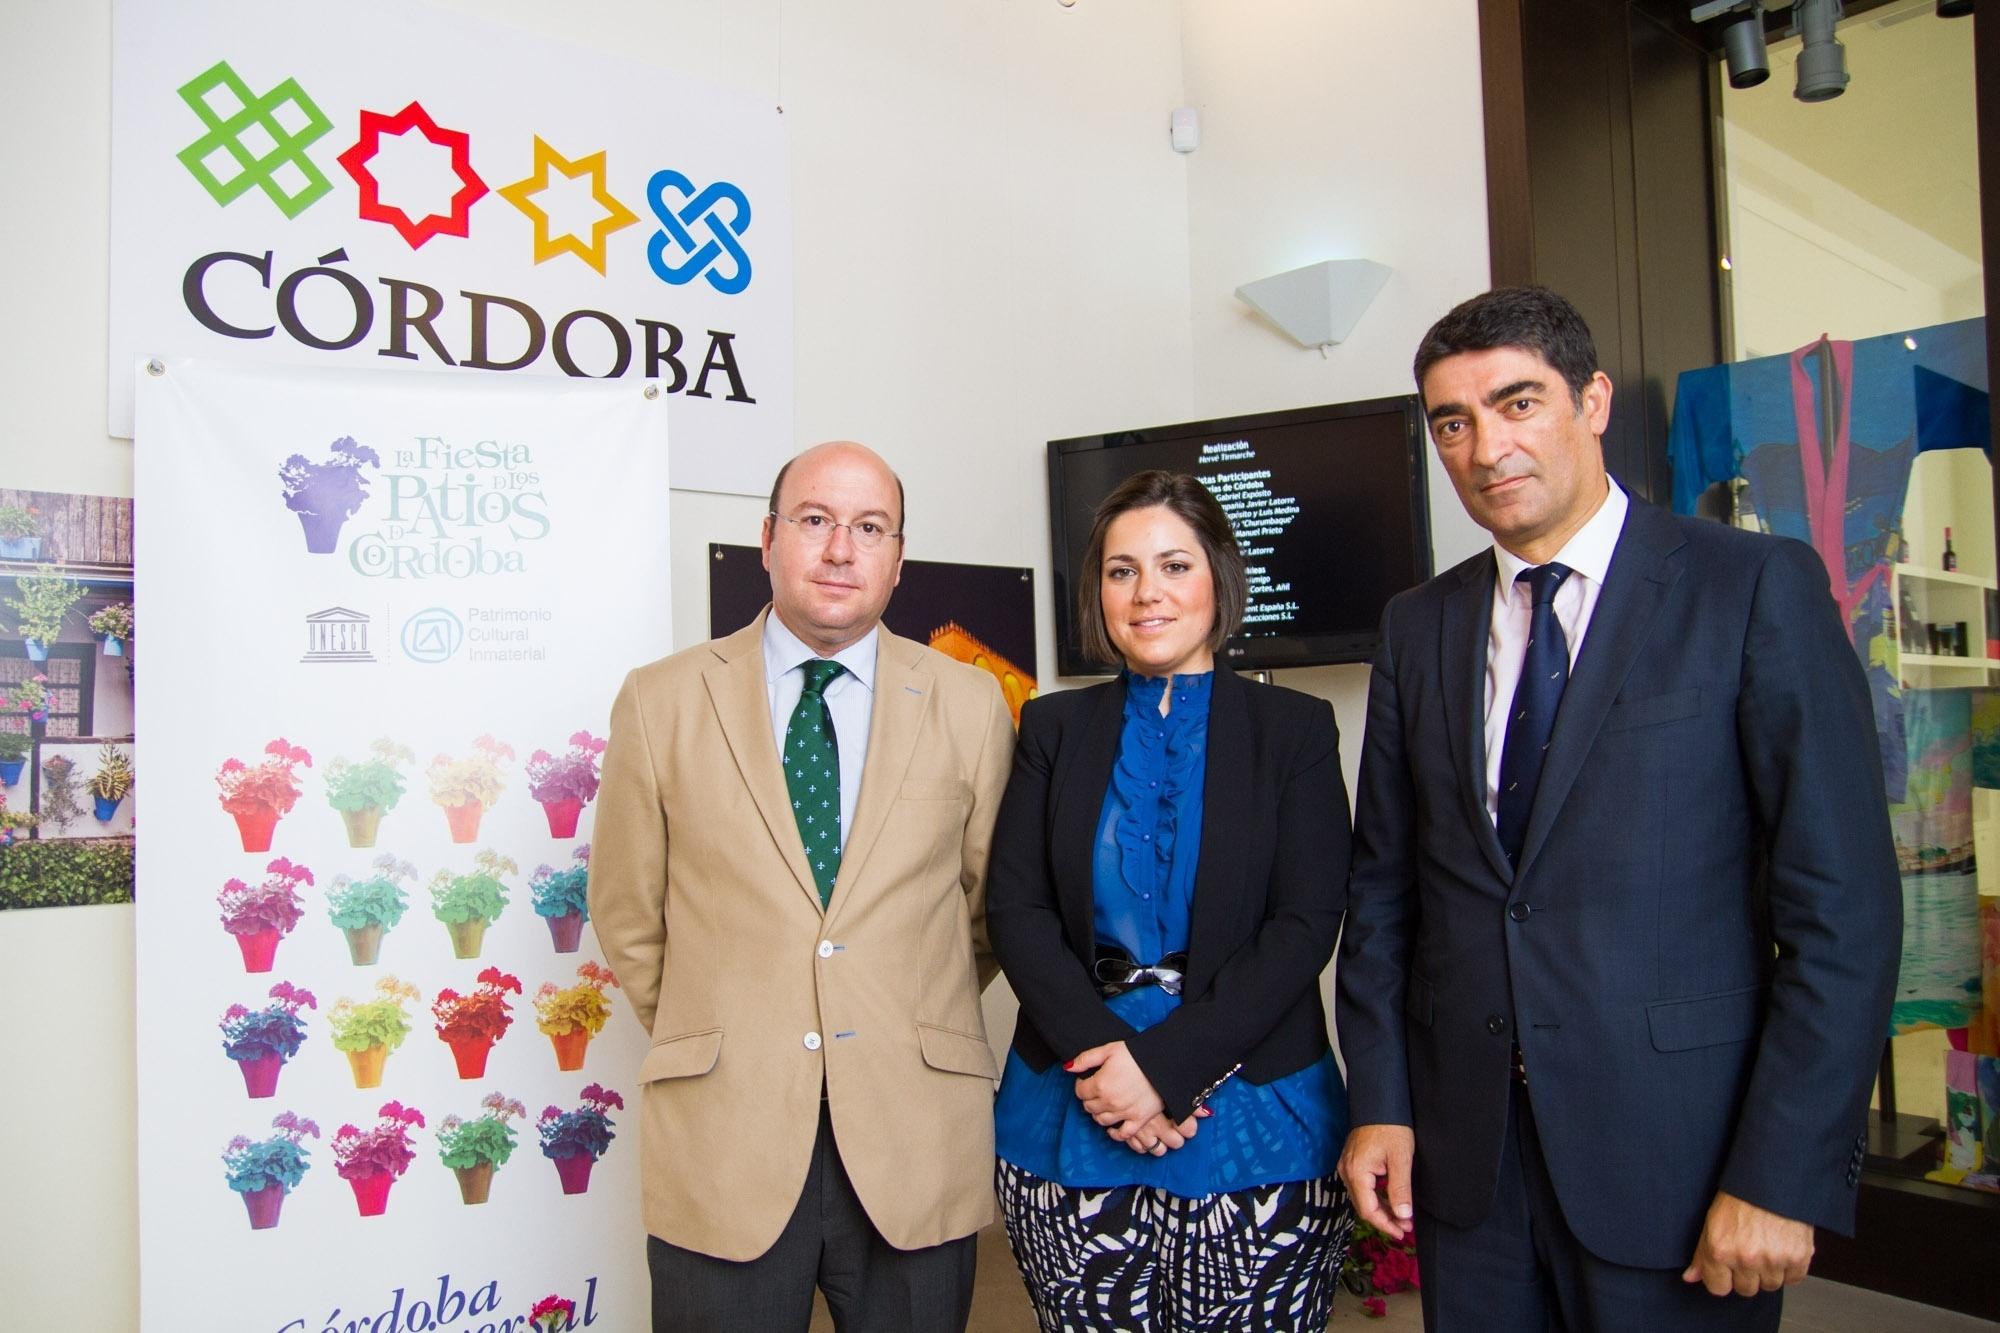 Córdoba se promociona en el Museo Thyssen con un espacio por el que pasarán 45.000 personas